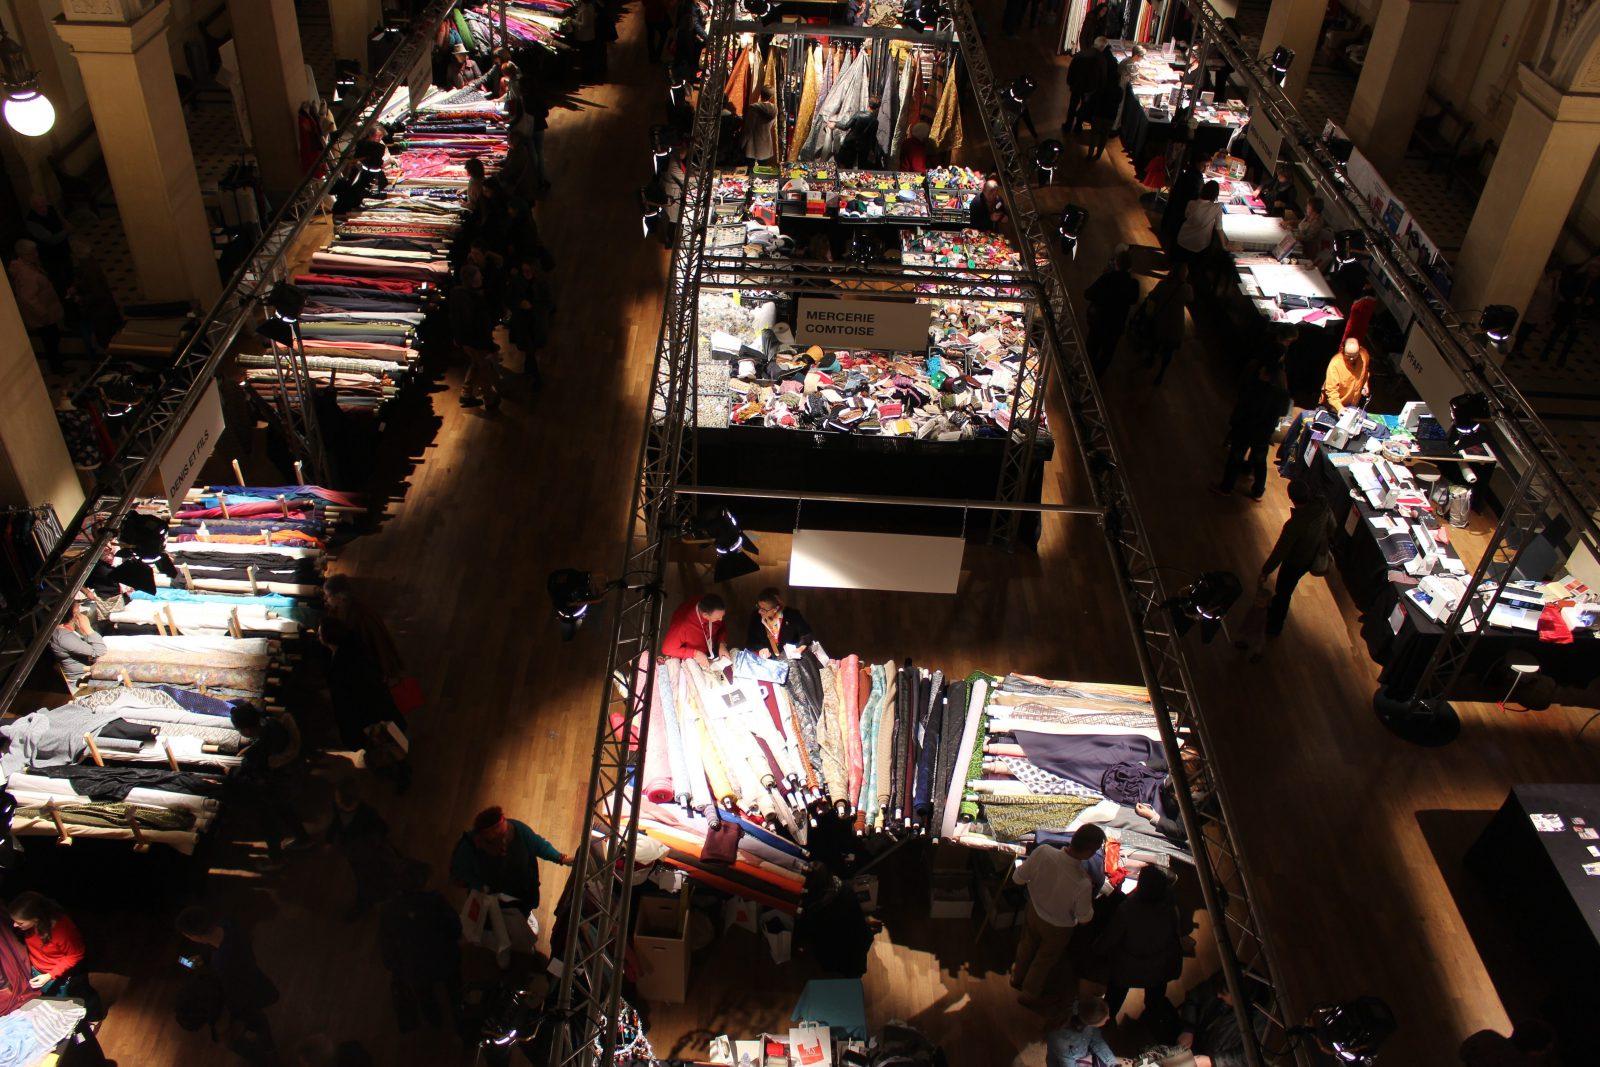 Lyon marché des tissus 2016 - vue d'en haut @françoyse Krier